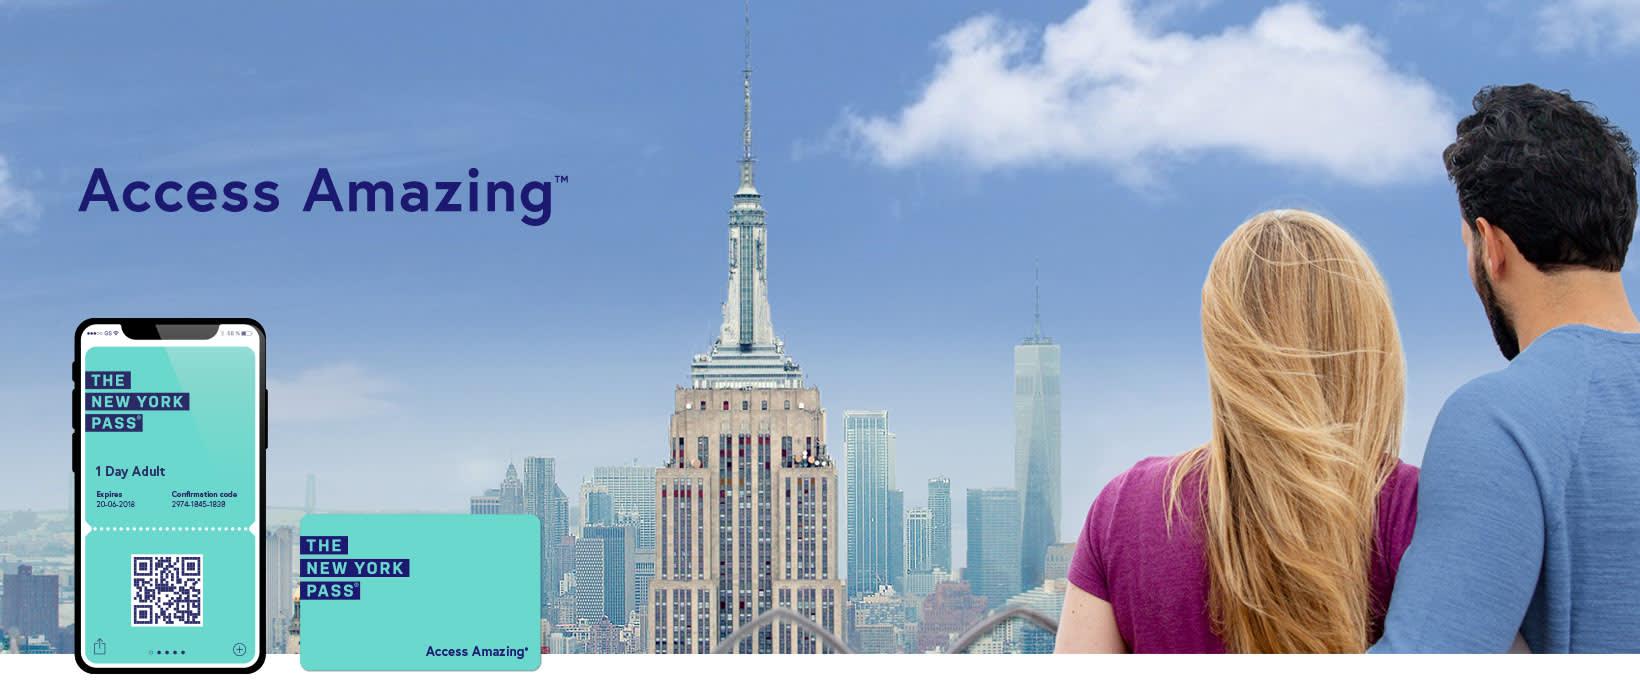 New York pass banner